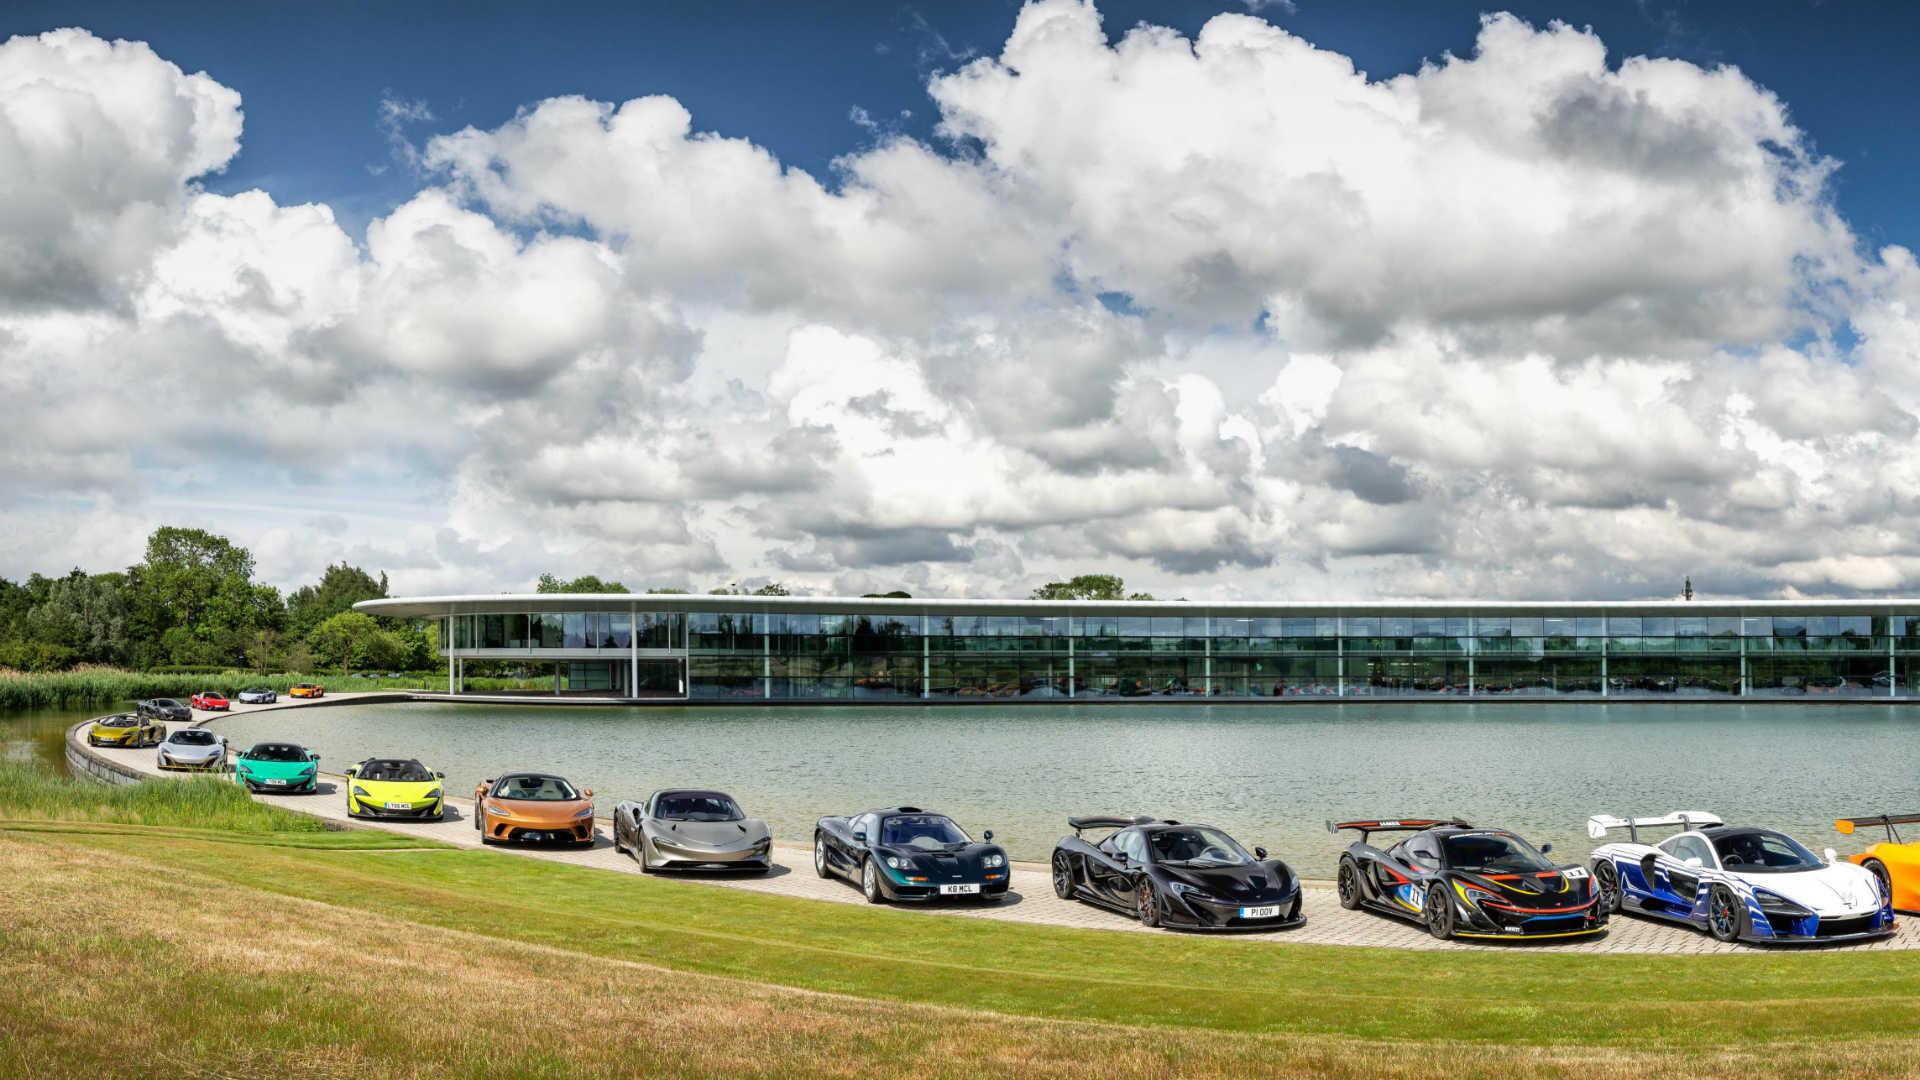 McLaren £50m display in Woking